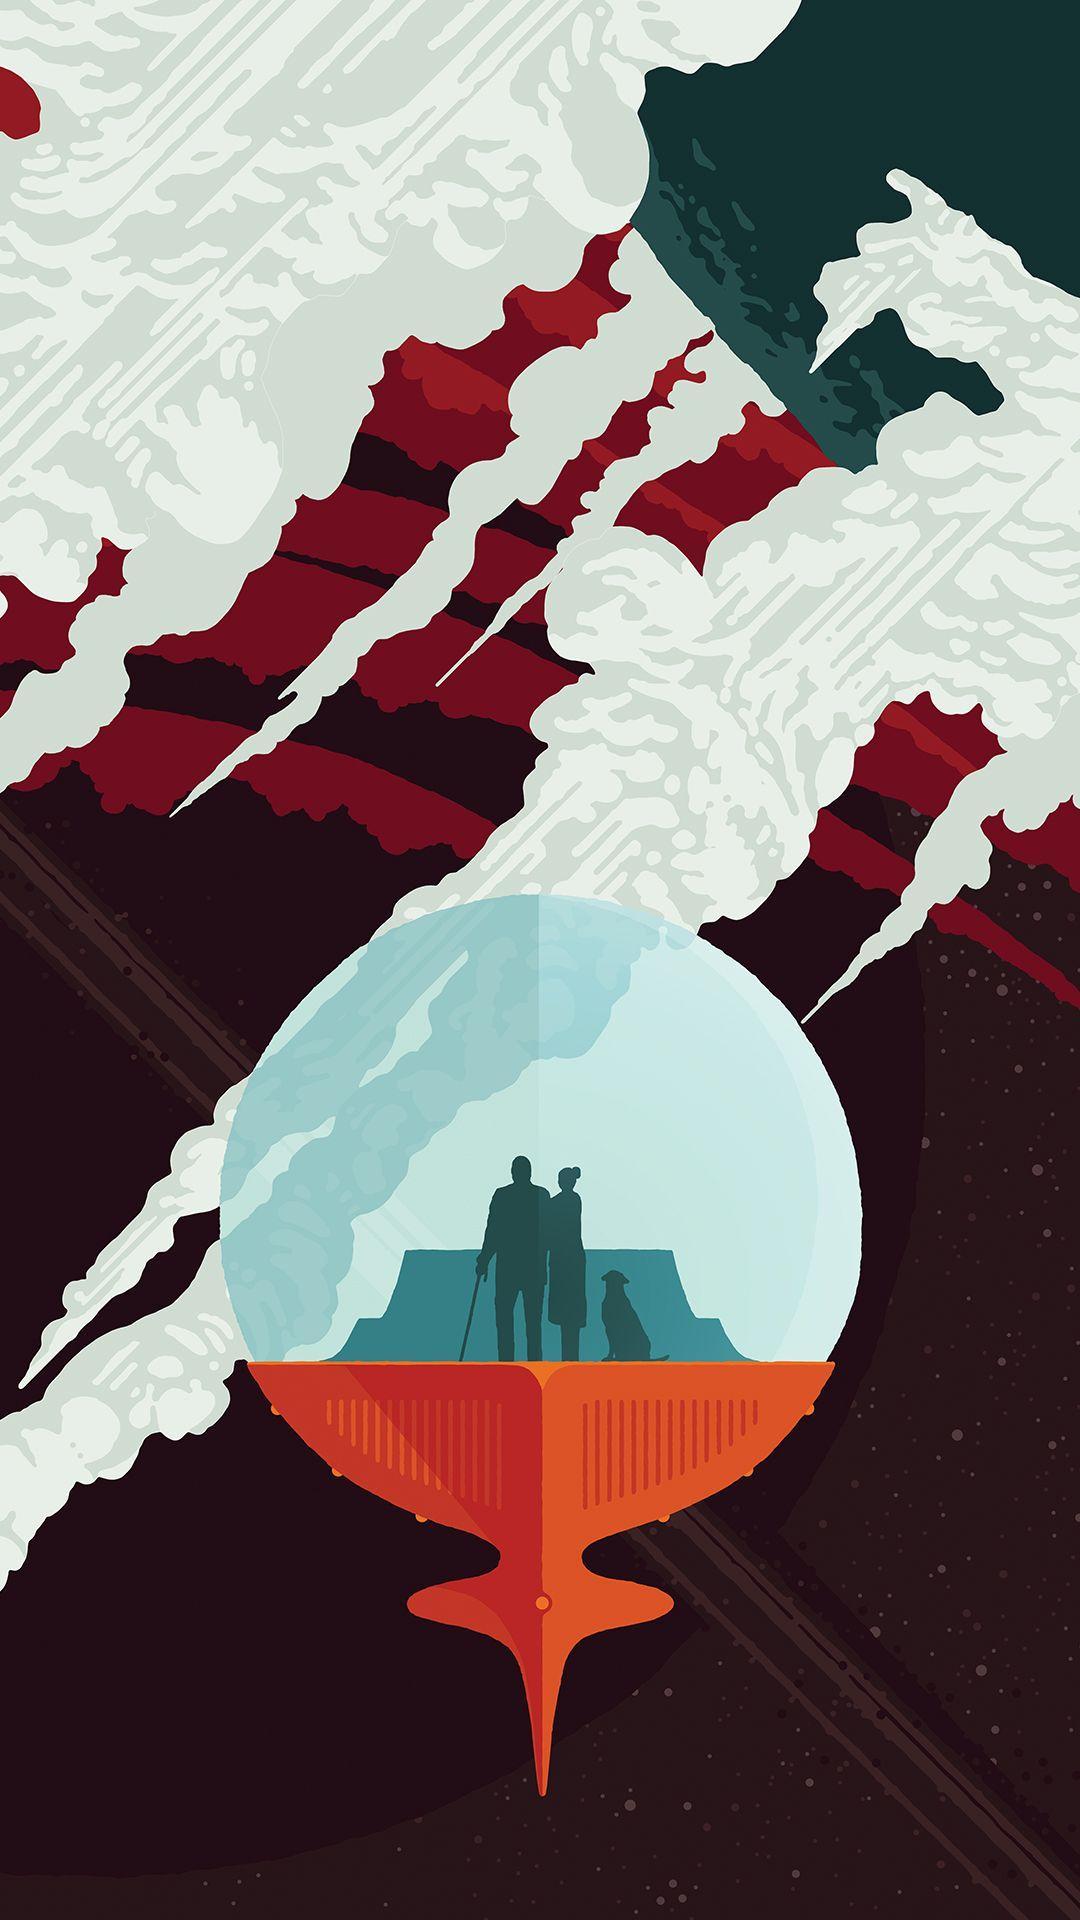 NASA Agency Wallpapers